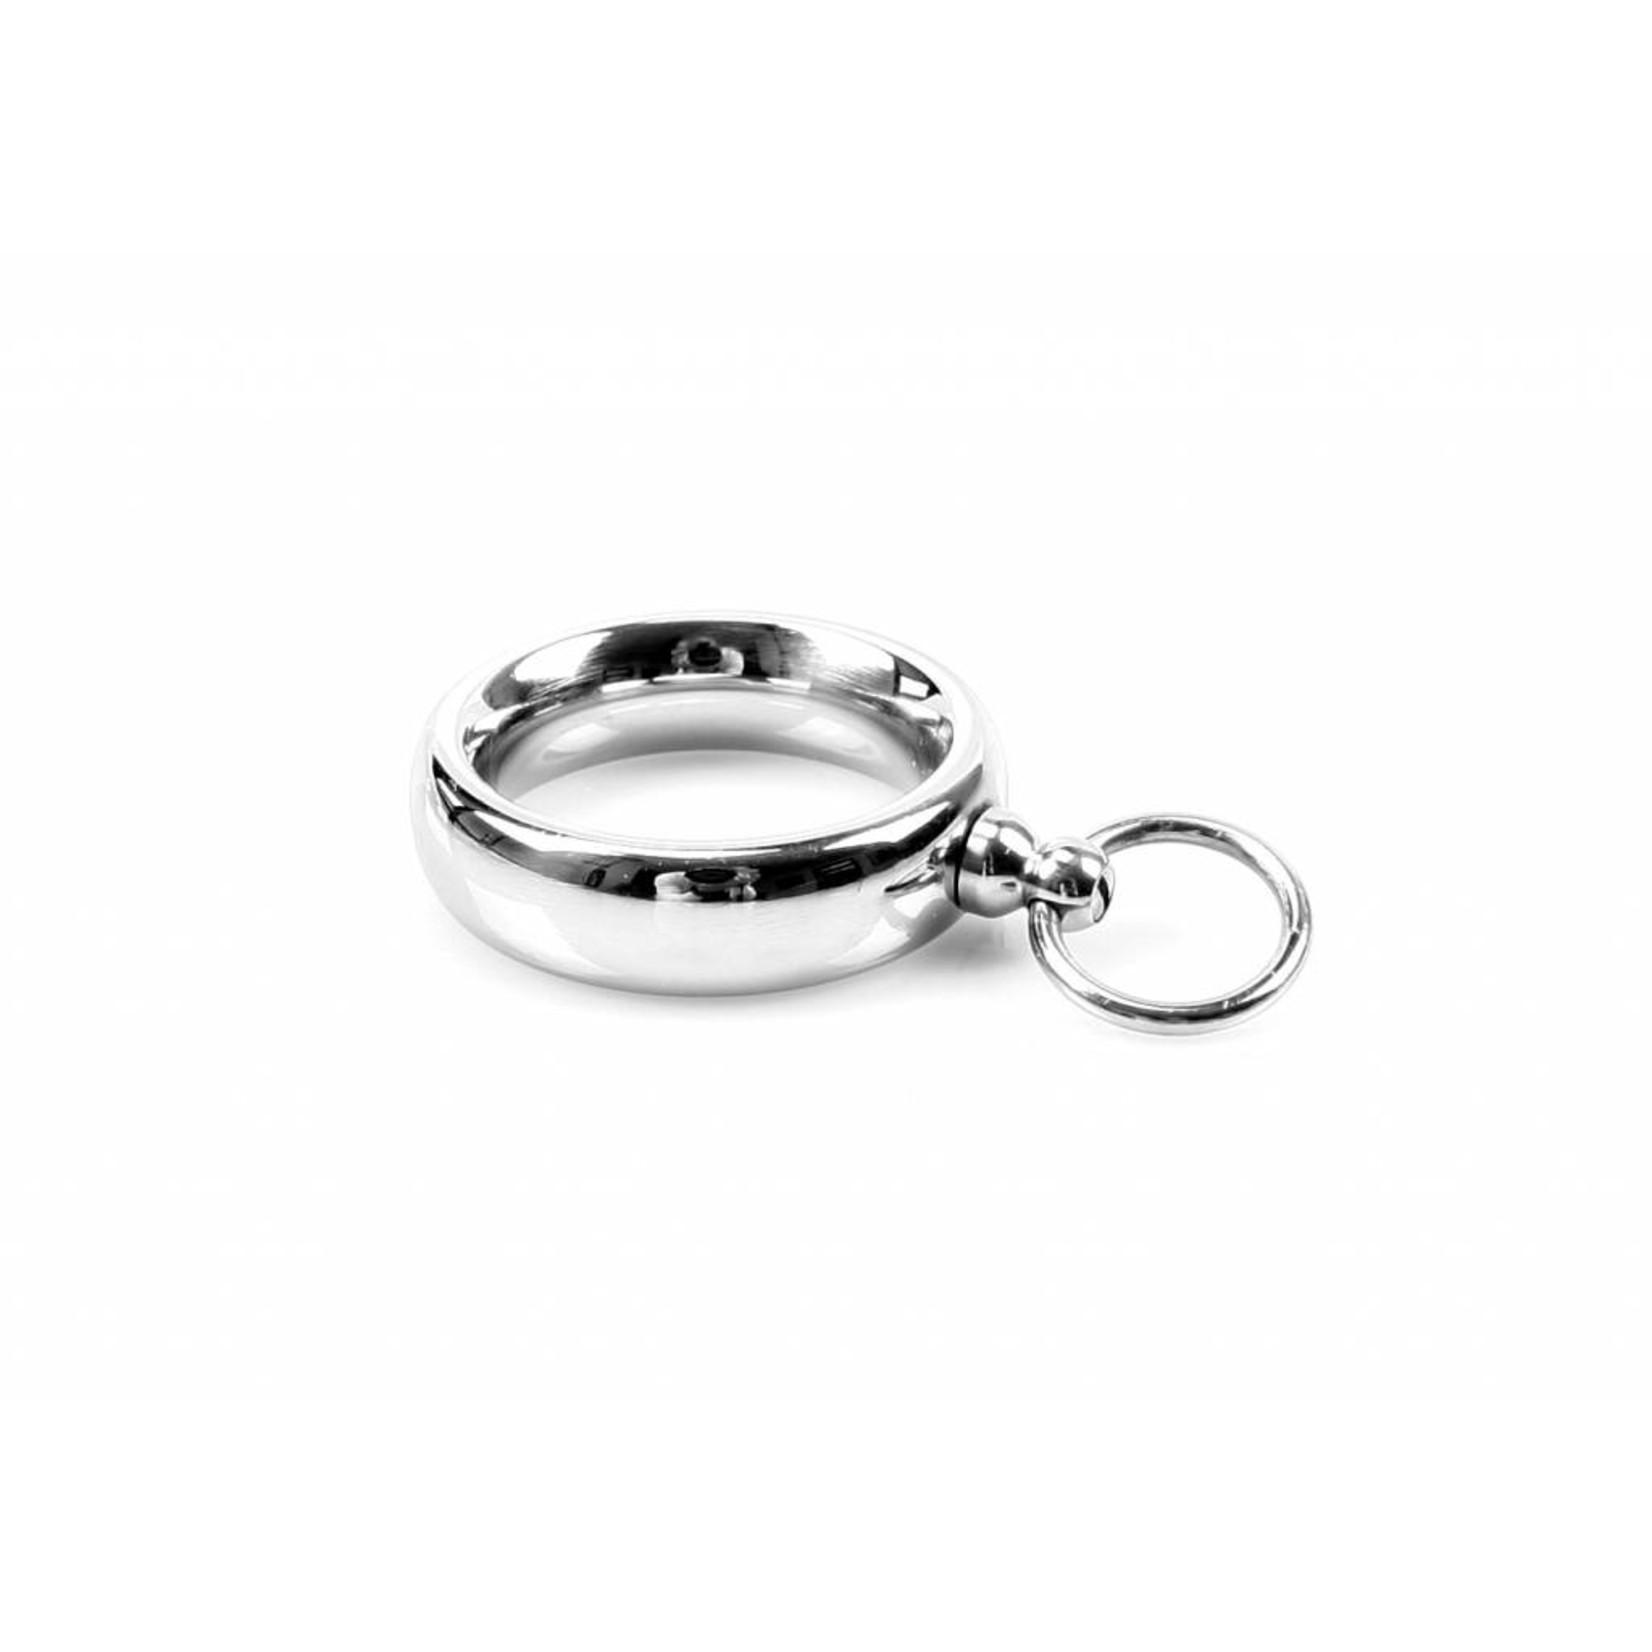 KIOTOS Steel Donut O Ring - 45 mm